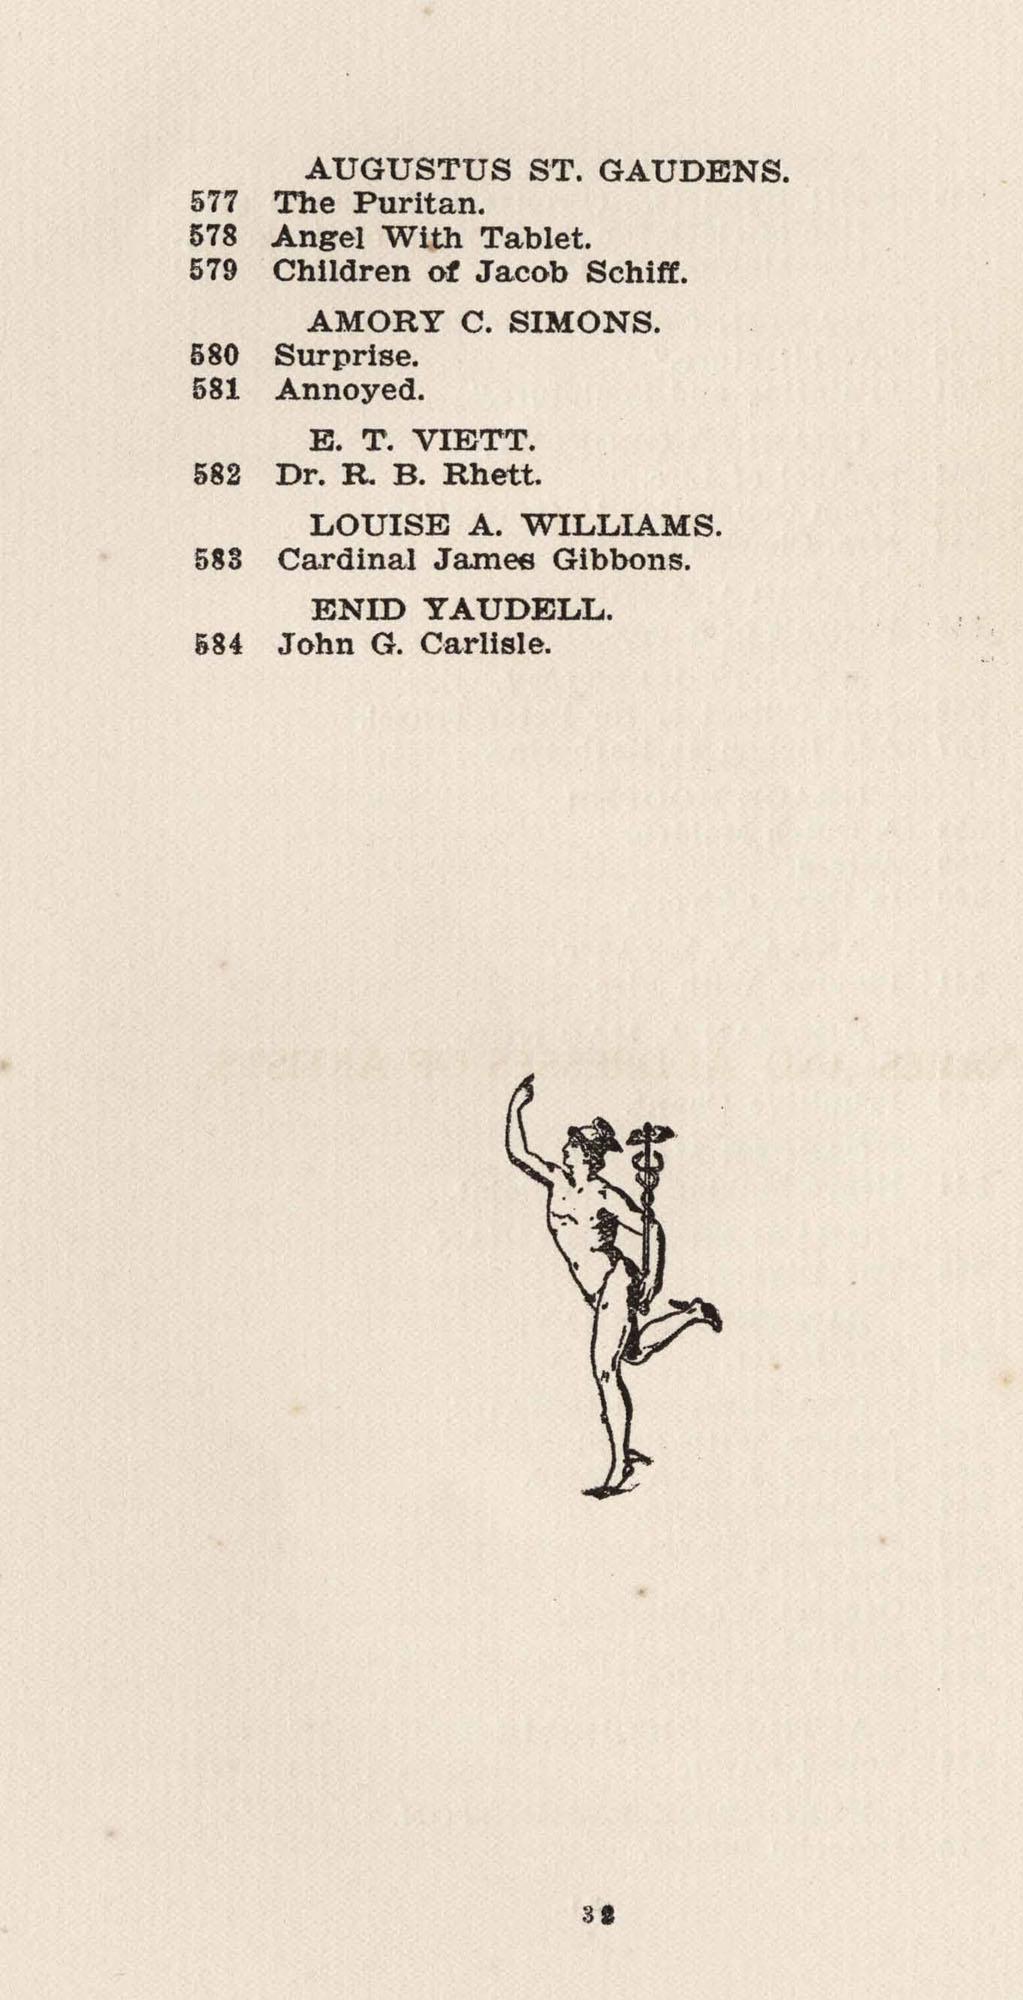 Catalogue, 577-584